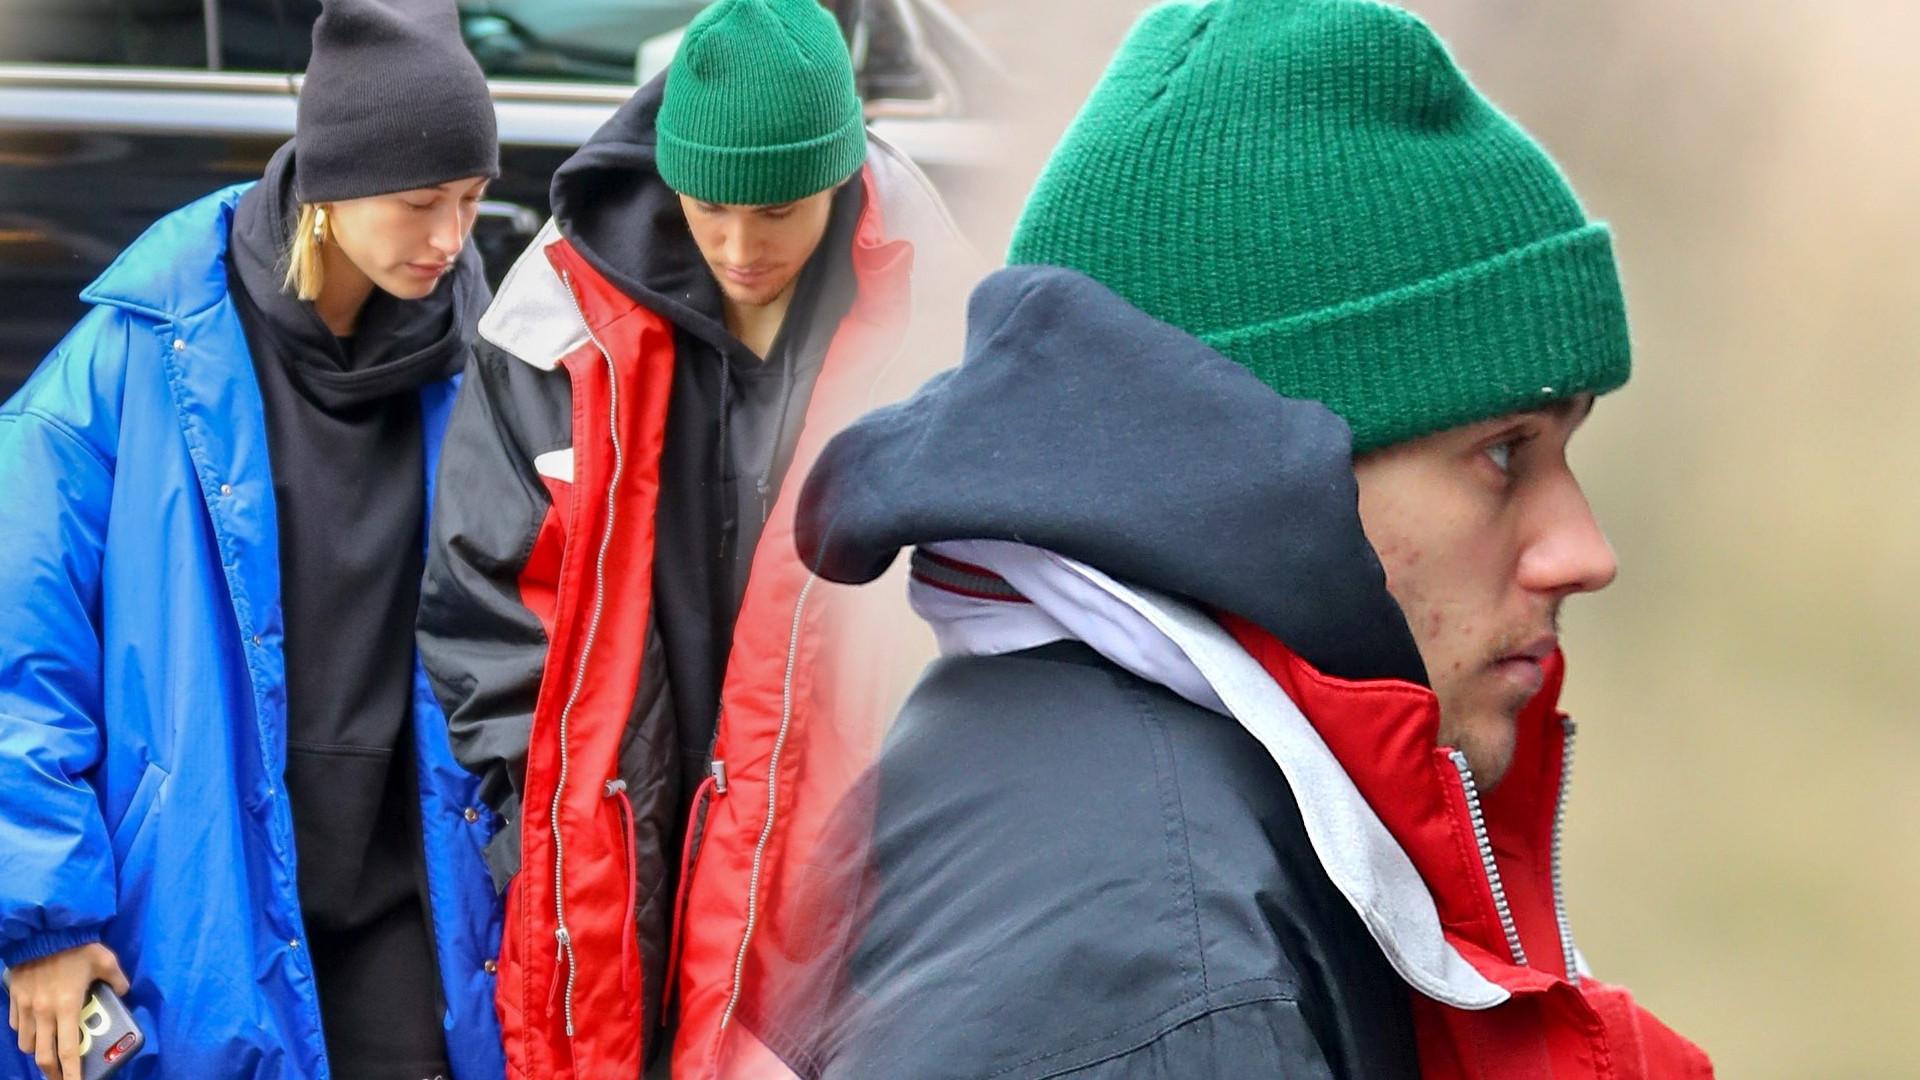 Ludzie myśleli, że Hailey i Justin to… bezdomni. Wszystko przez puchowe kurtki